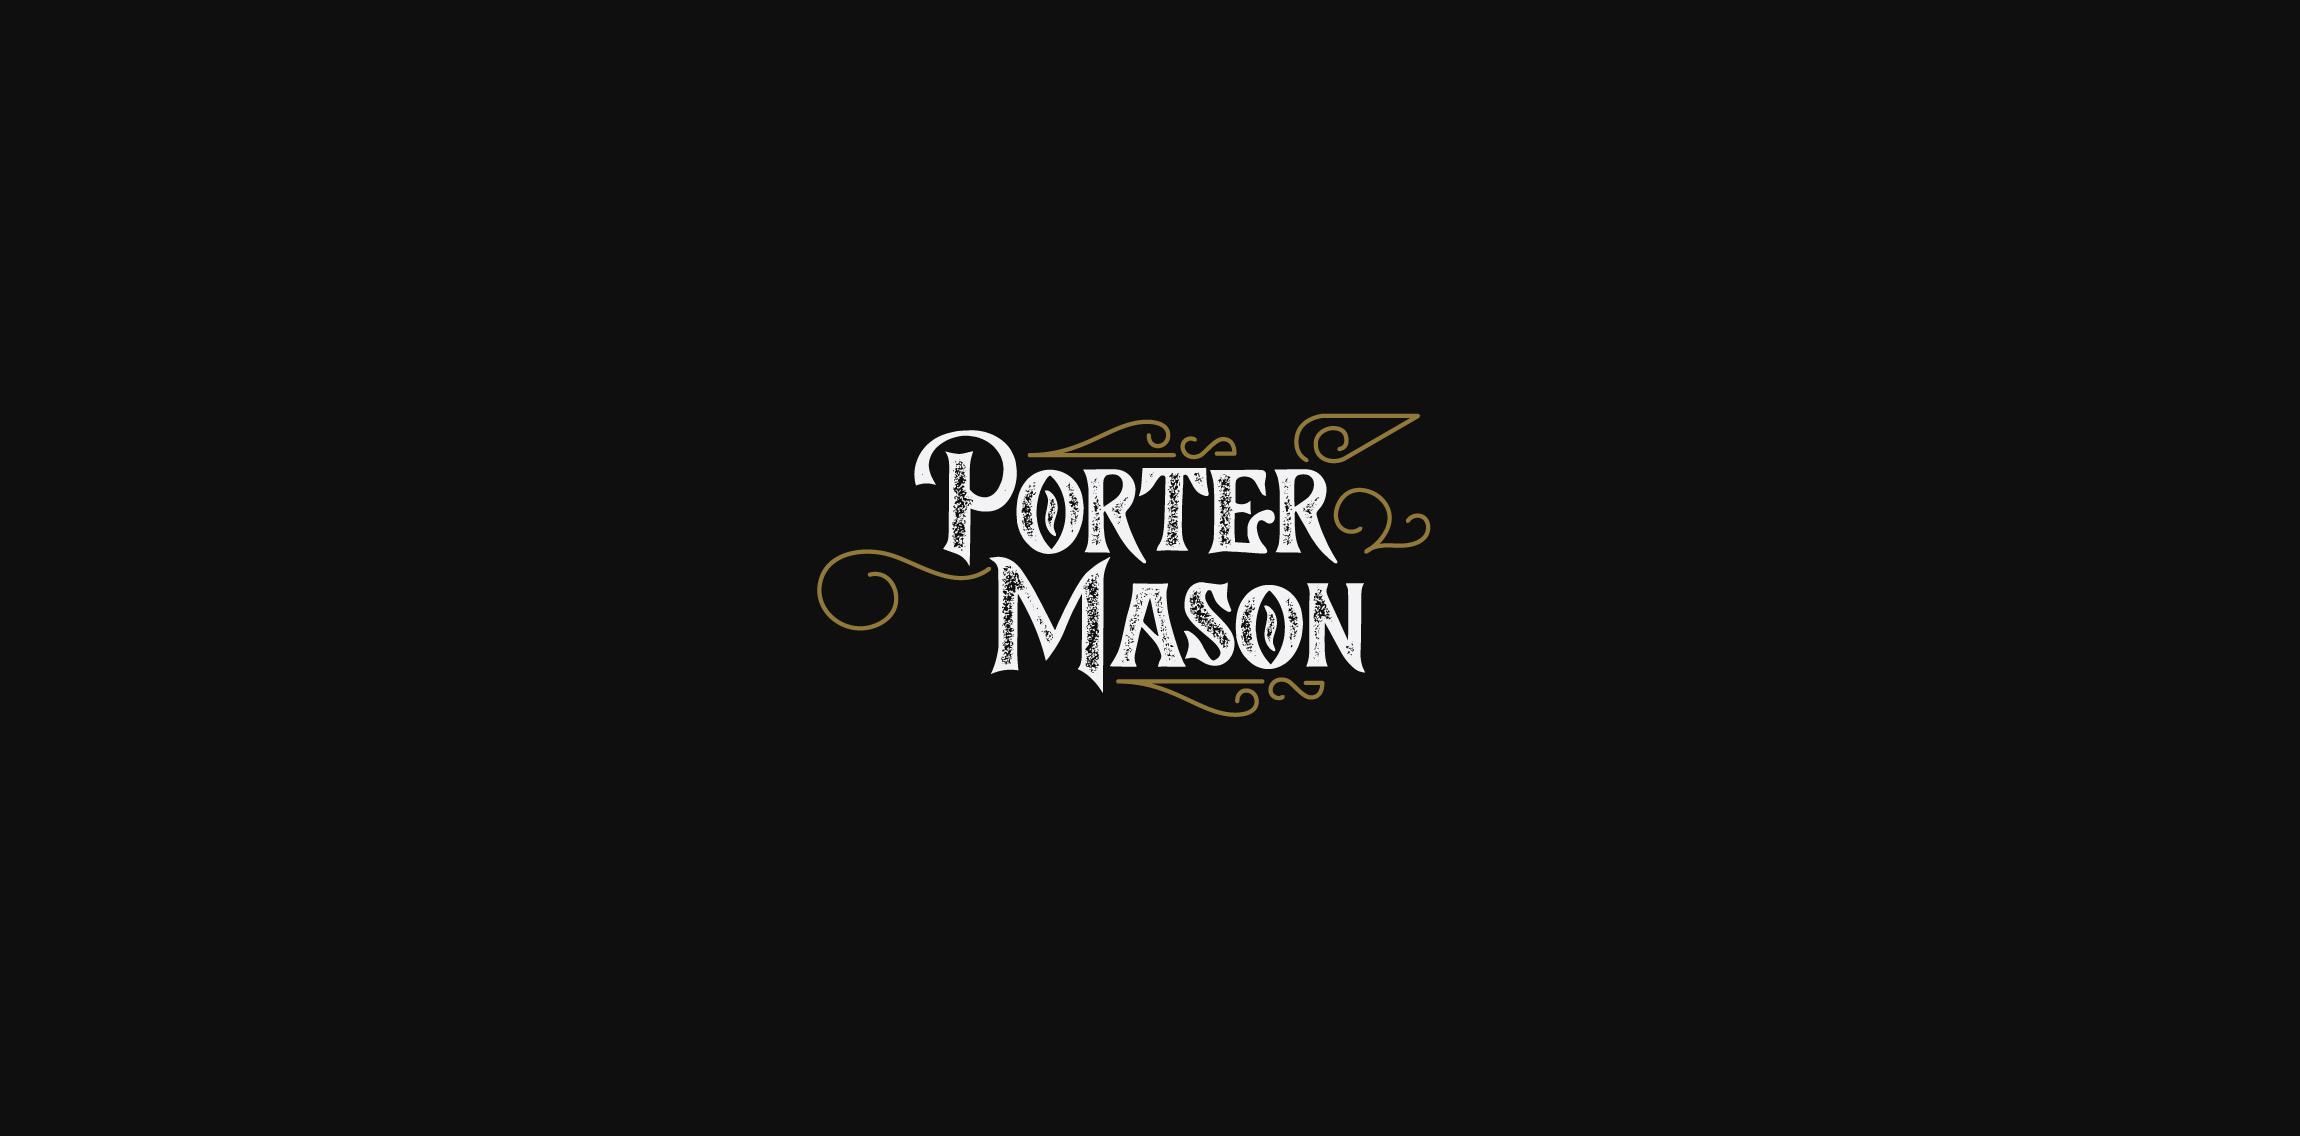 Porter Mason